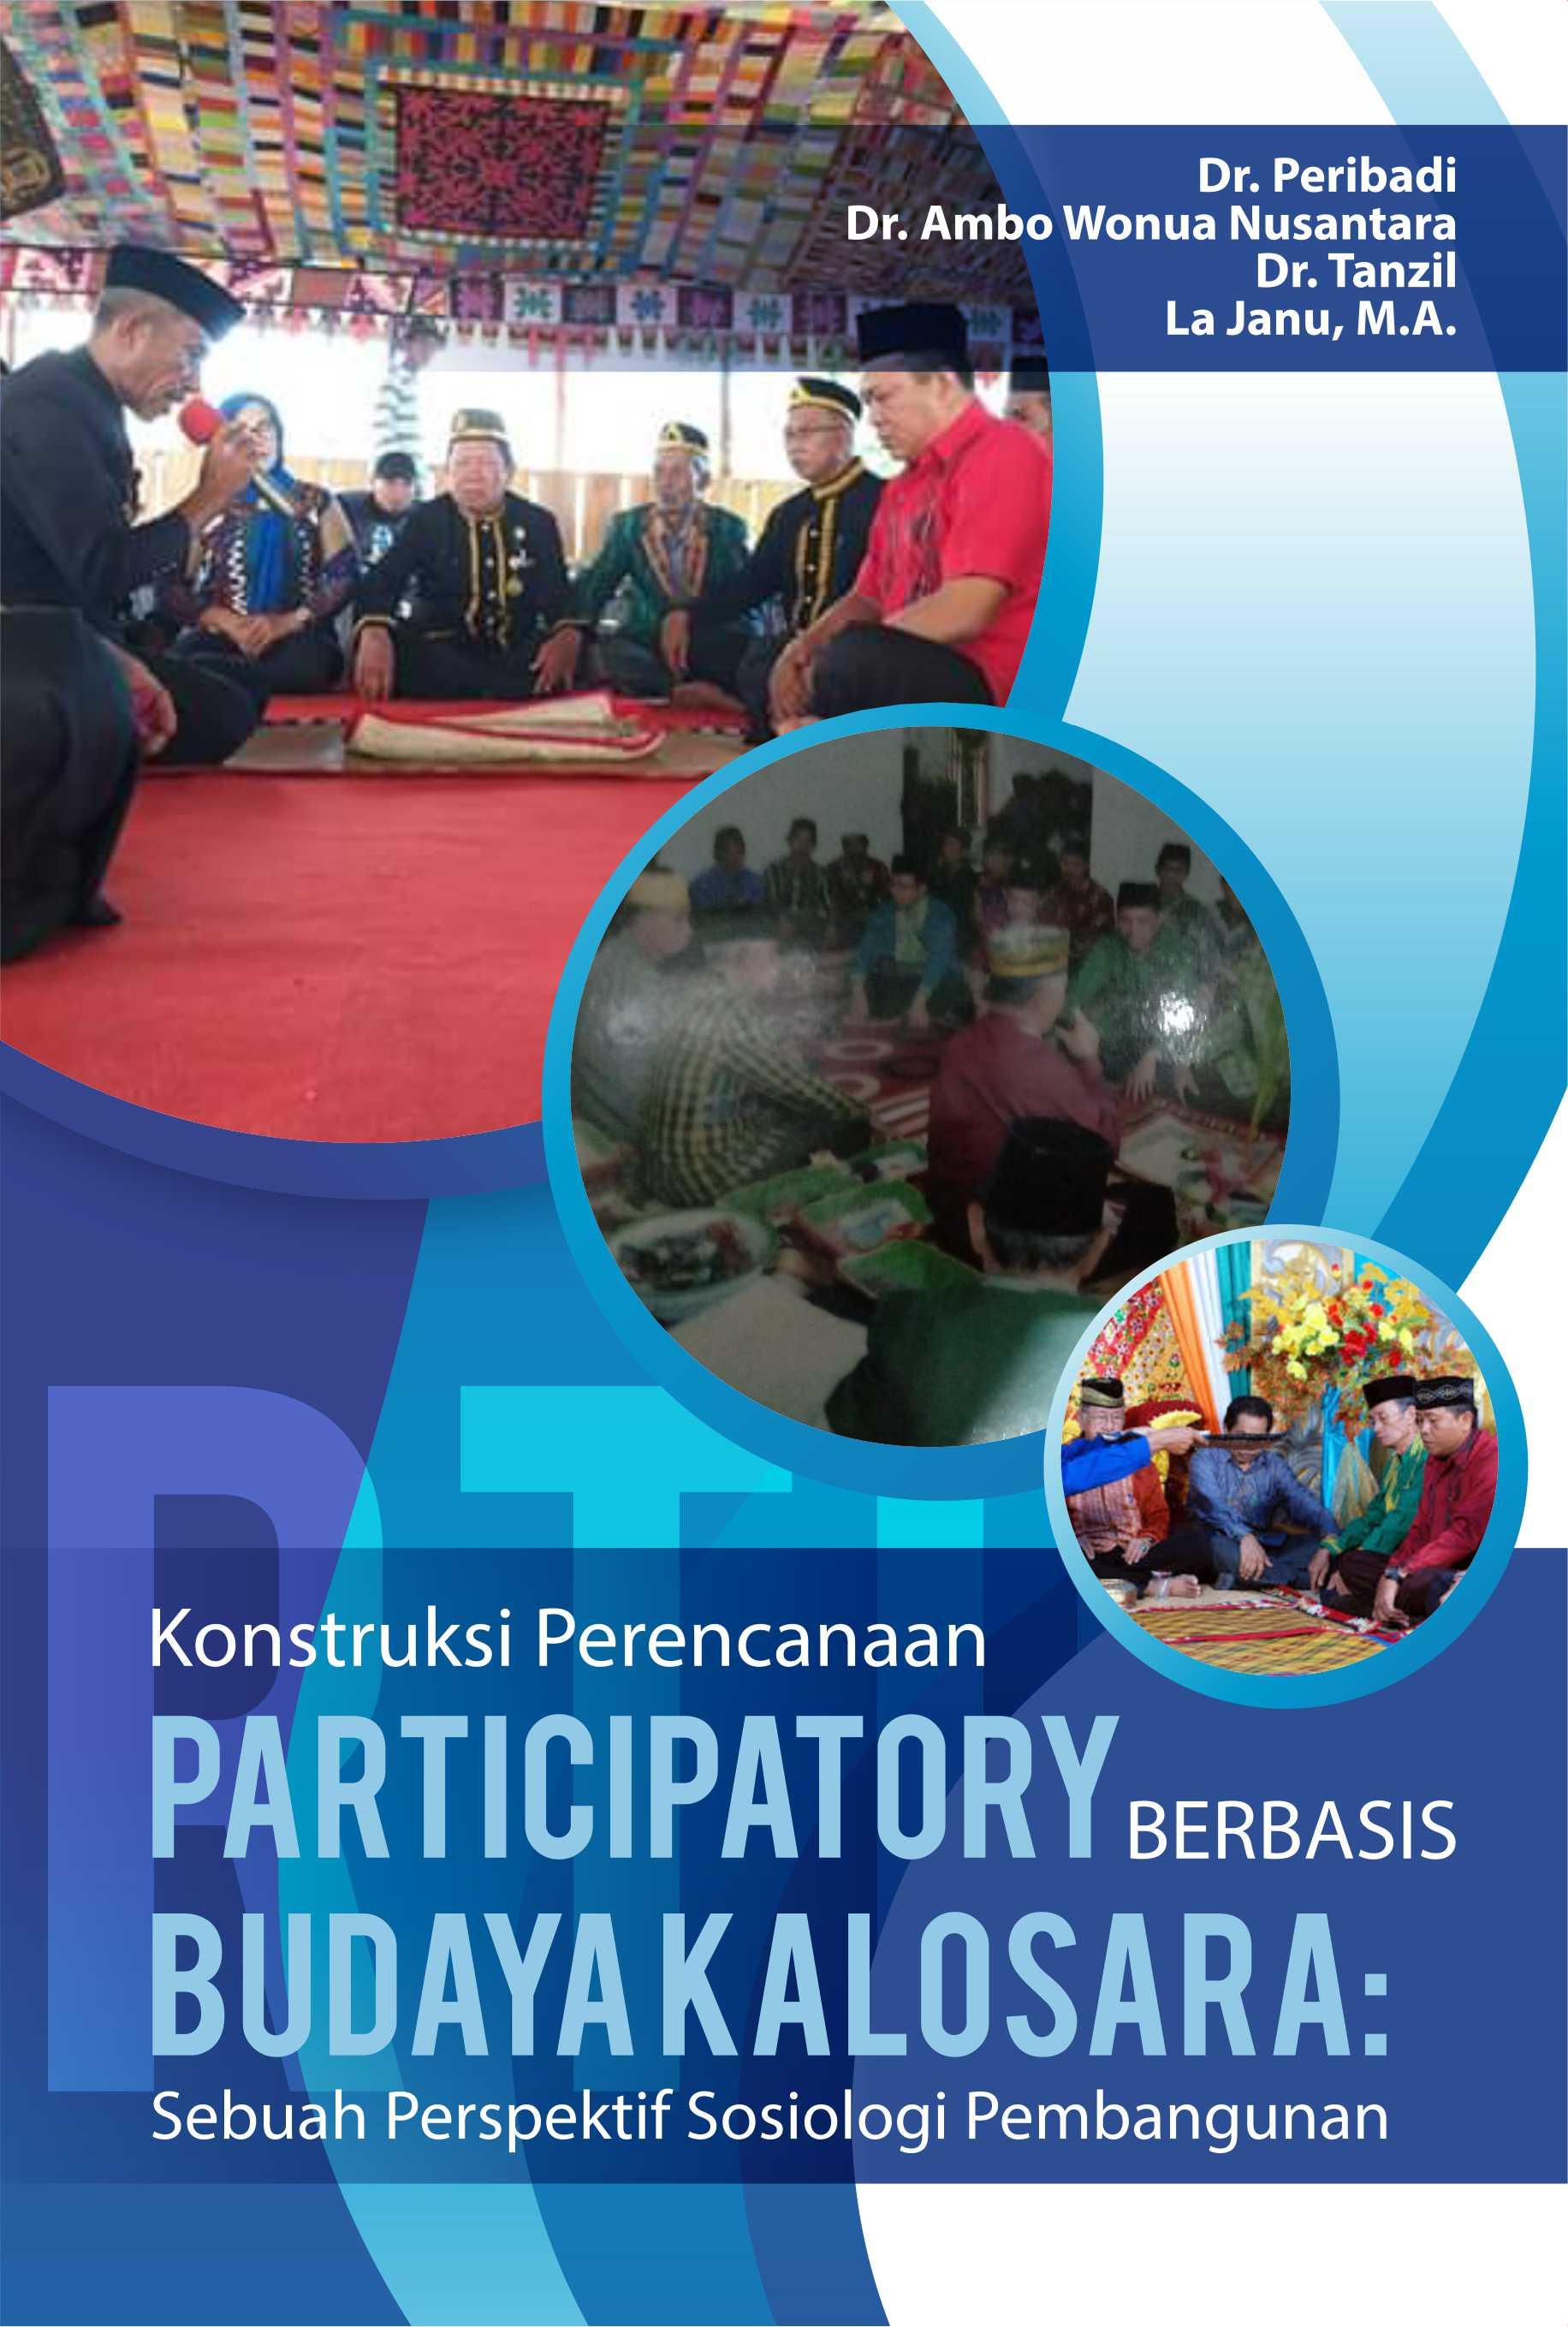 Konstruksi perencanaan participatory berbasis budaya kalosara  [sumber elektronis] : sebuah perspektif sosiologi pembangunan